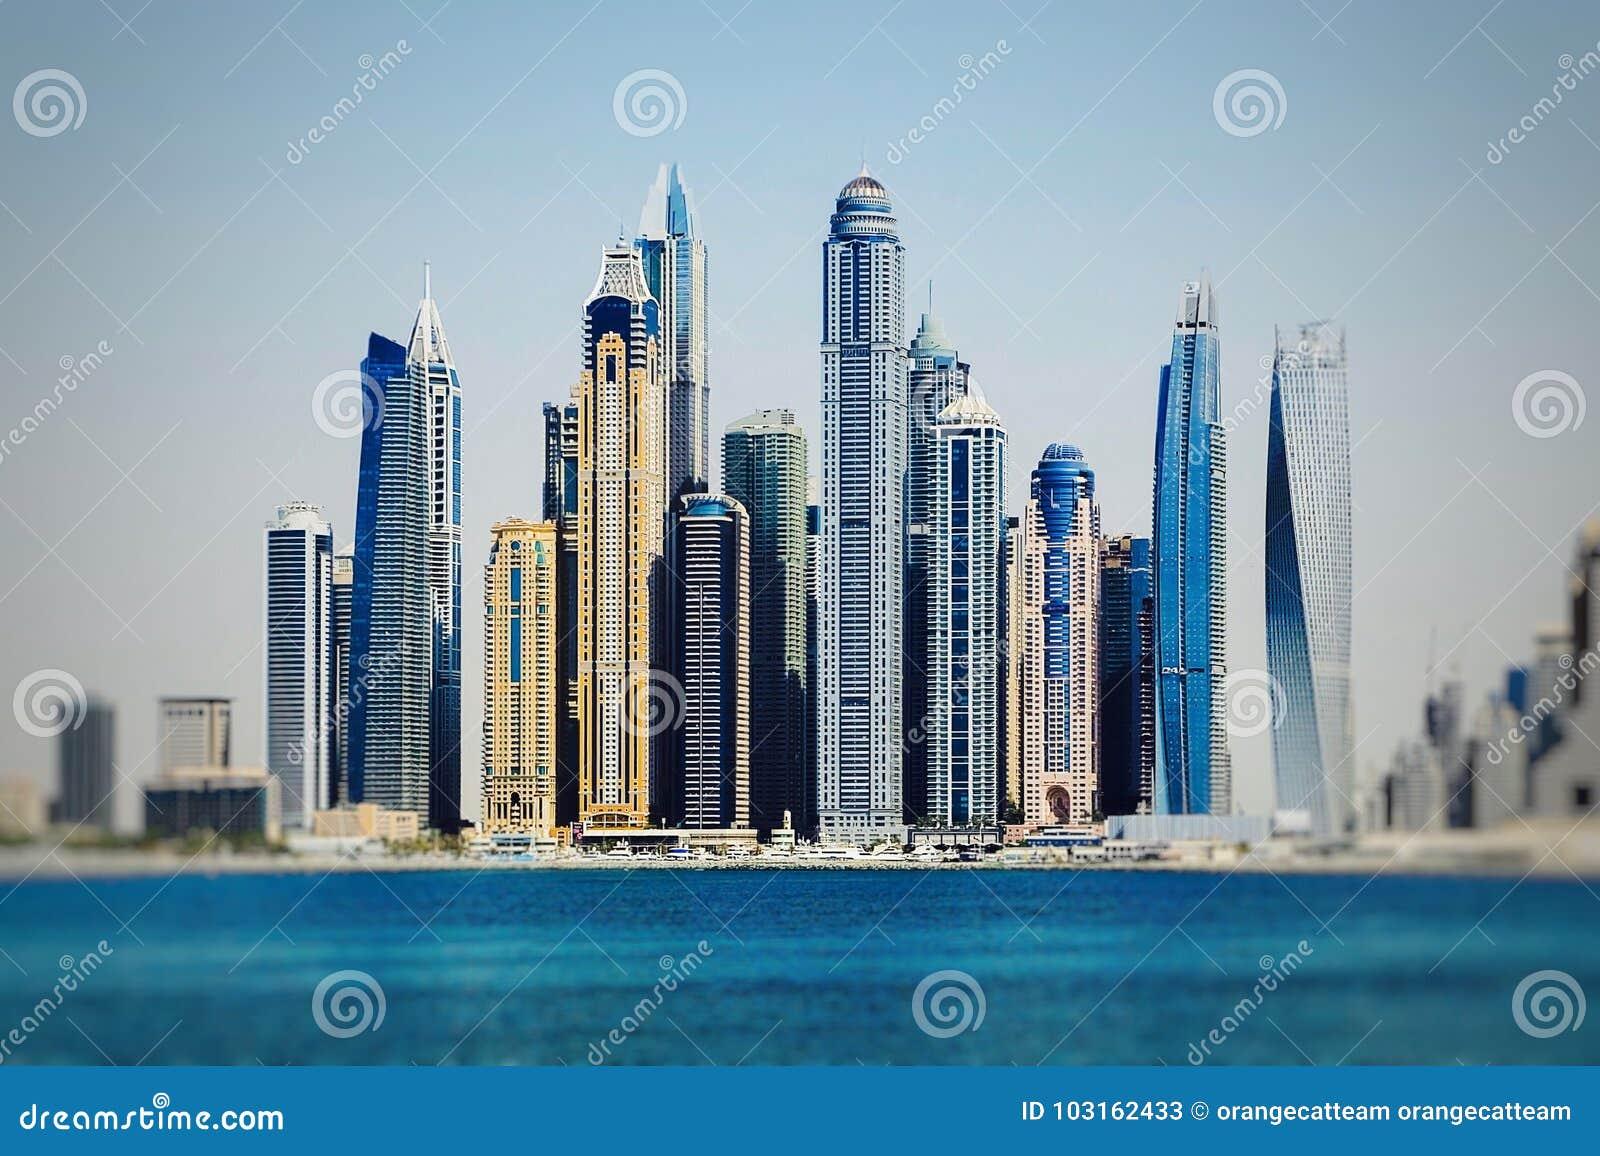 Εικονική παράσταση πόλης στα Ηνωμένα Αραβικά Εμιράτα